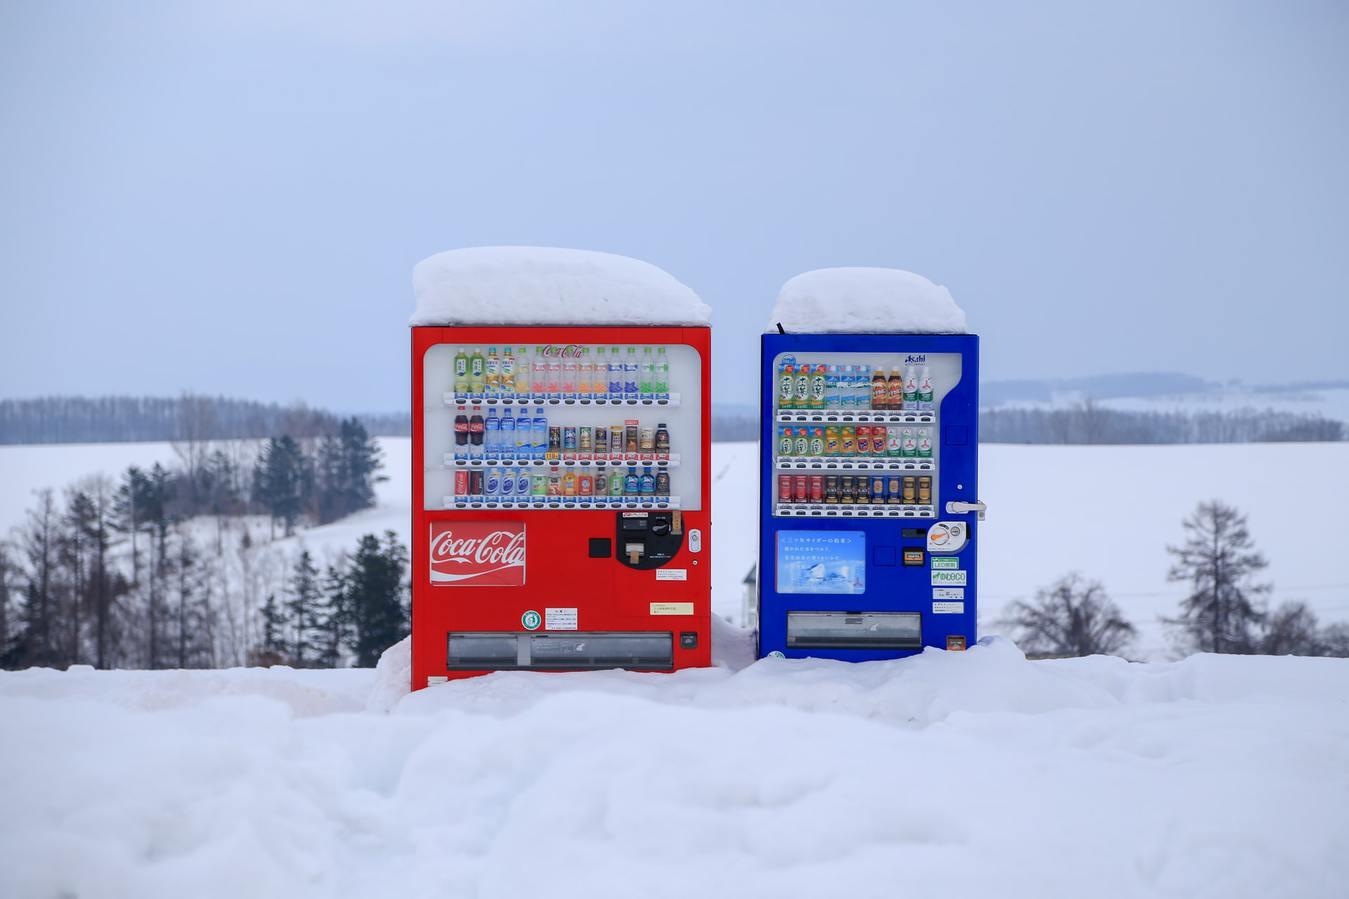 Verkaufsautomaten mit Getränken auf dem Feld mit Schnee